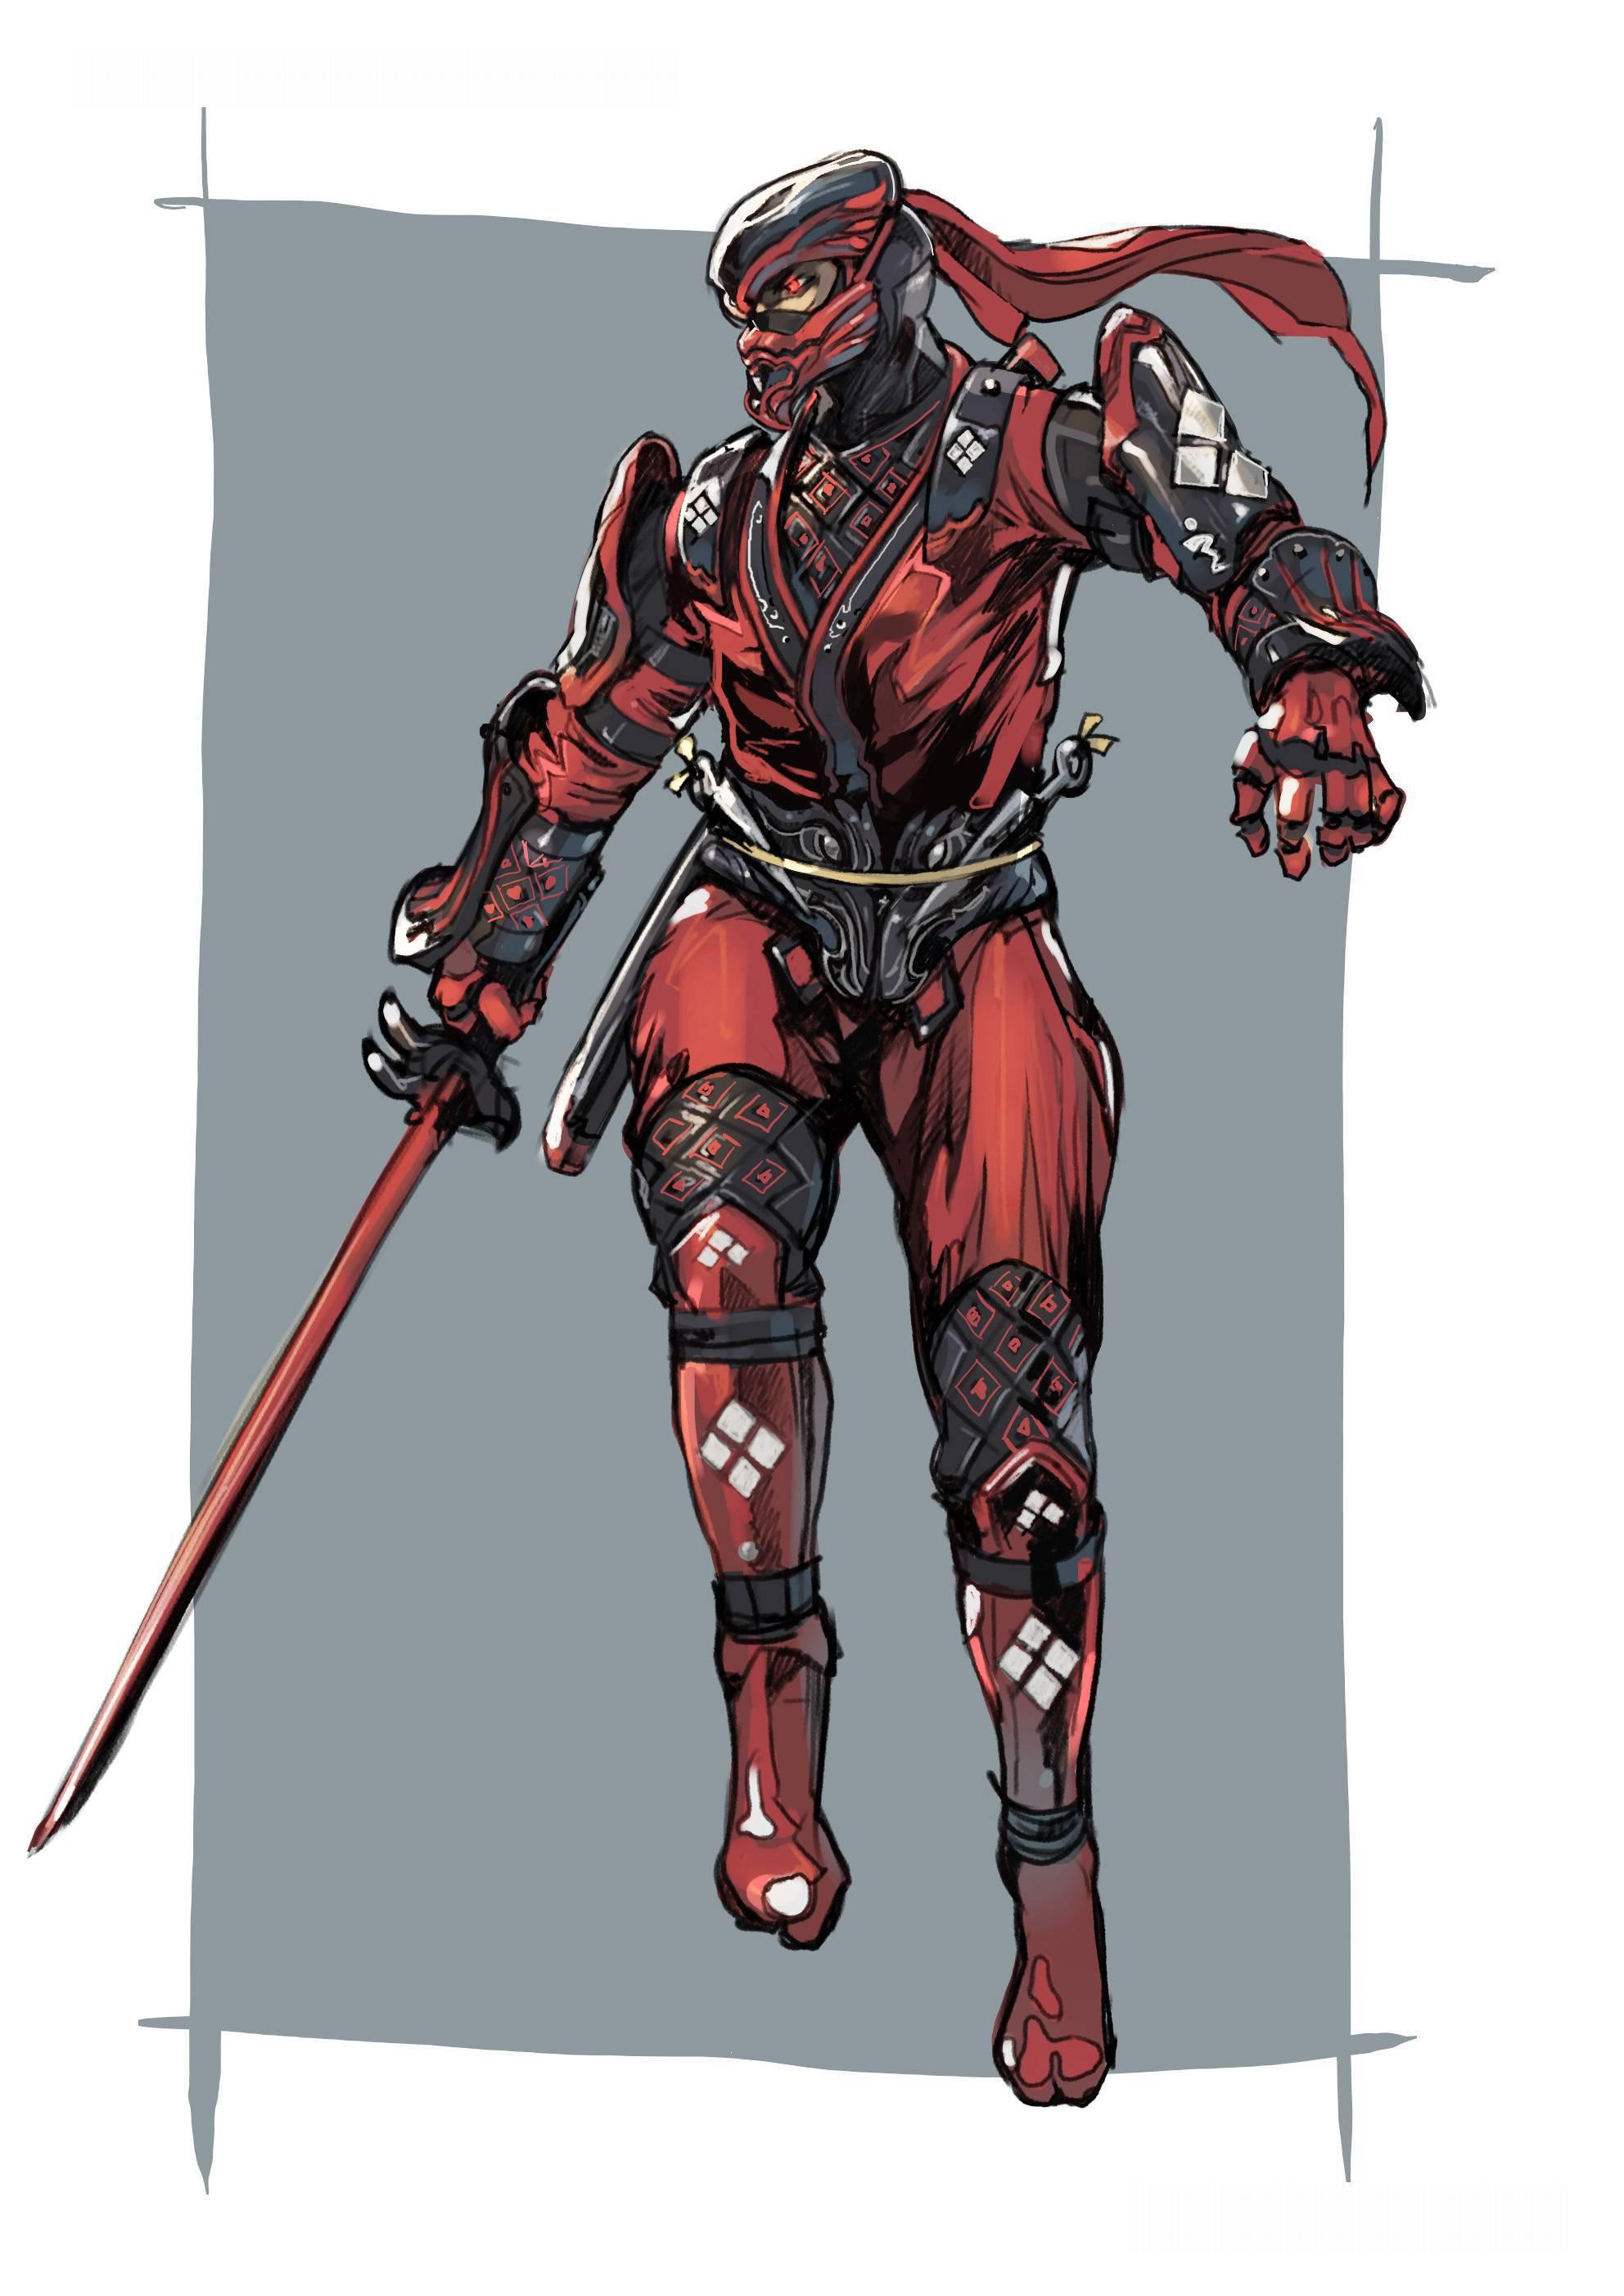 Image - NG2 Art Char Ryu Costume 2 ShadowWalker A.jpg | Ninja Gaiden ...